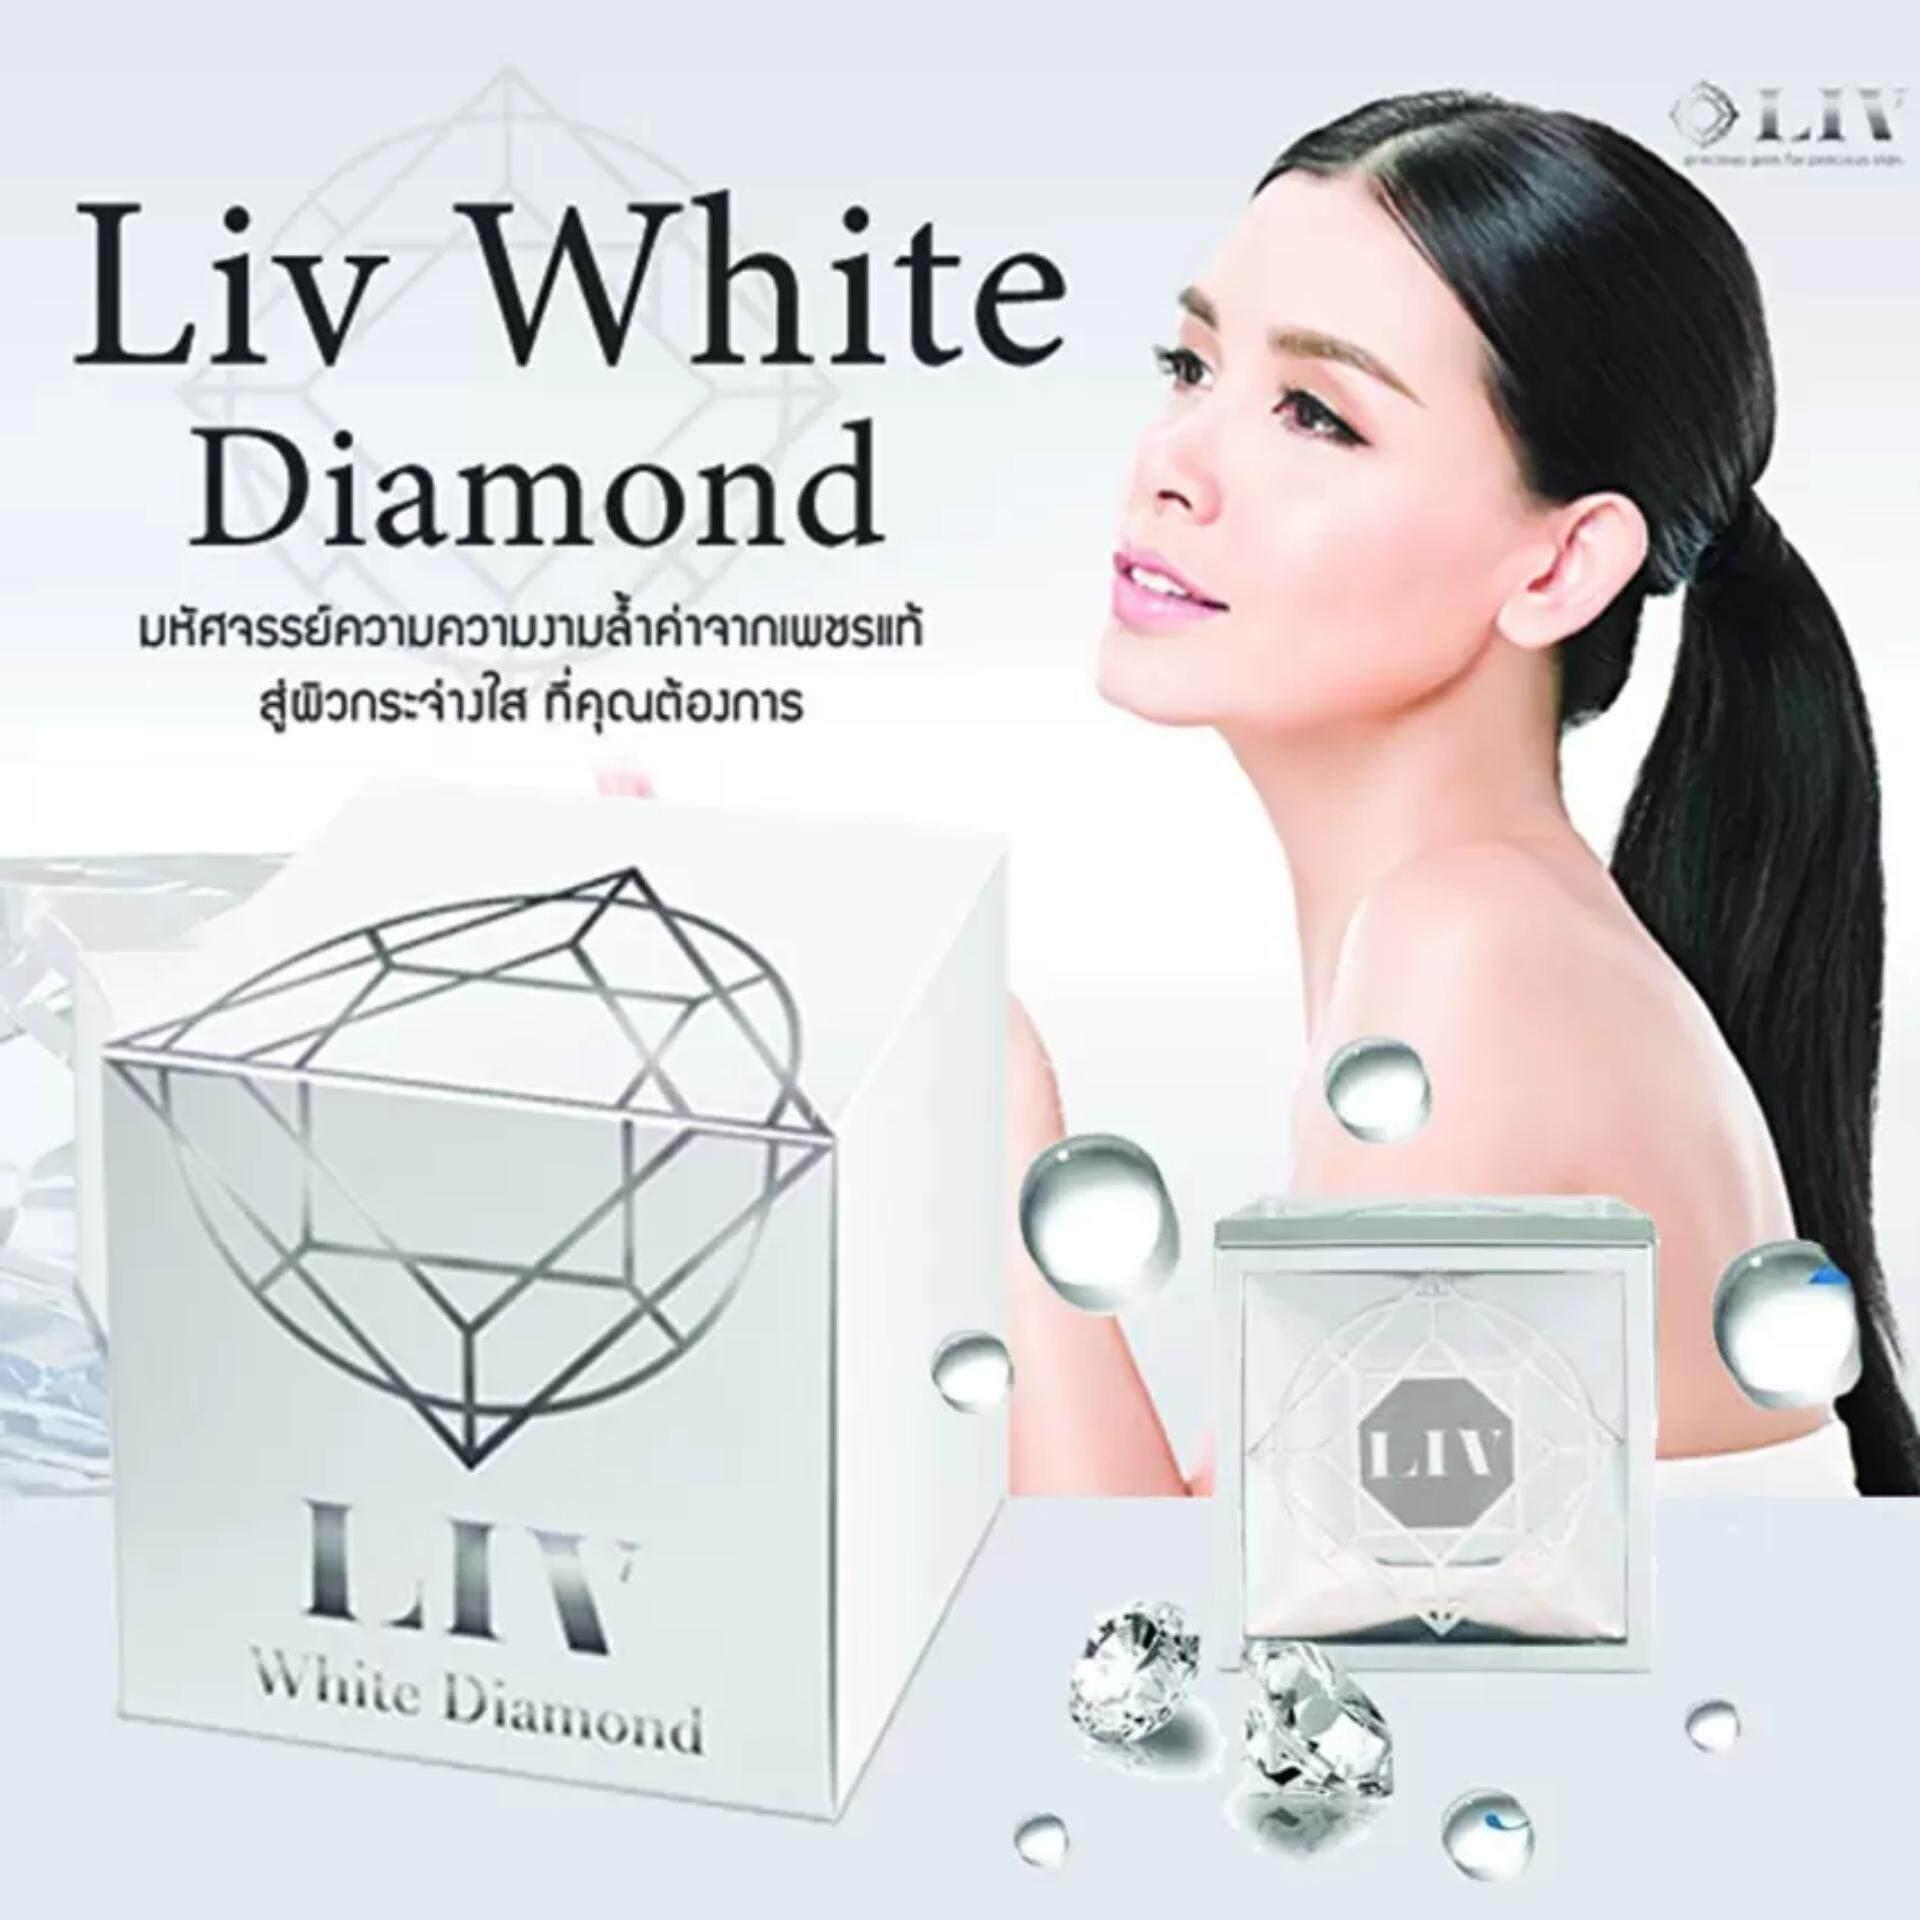 ดีที่สุด LIV White Diamond Cream ลิฟ ไวท์ ไดมอนด์ ครีม ครีมดีที่วิกกี้แนะนำ บำรุงผิวหน้าเนื้อครีมเข้มข้น 30 ml. (1 กล่อง) ครีมที่ทุก ๆ คนบอกว่าเยี่ยม